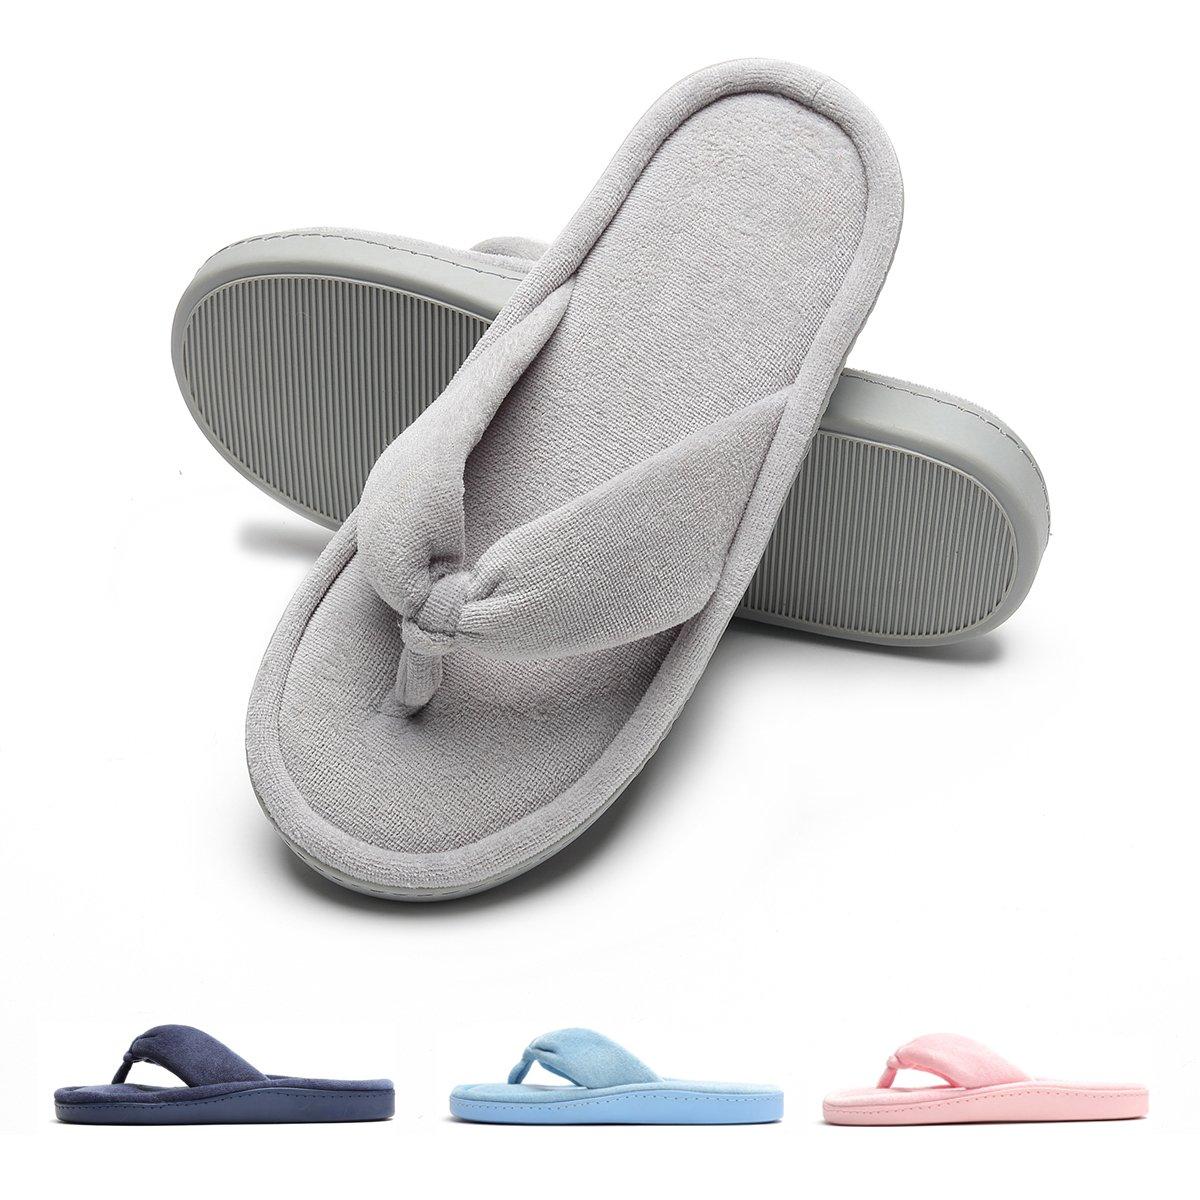 Zapatillas de Casa de Mujer Invierno - Zapatillas Chancletas Casa Ultraligero y Antideslizante, Zapatilla de Estar por Casa con Ornamento Nudo para Mujer ...